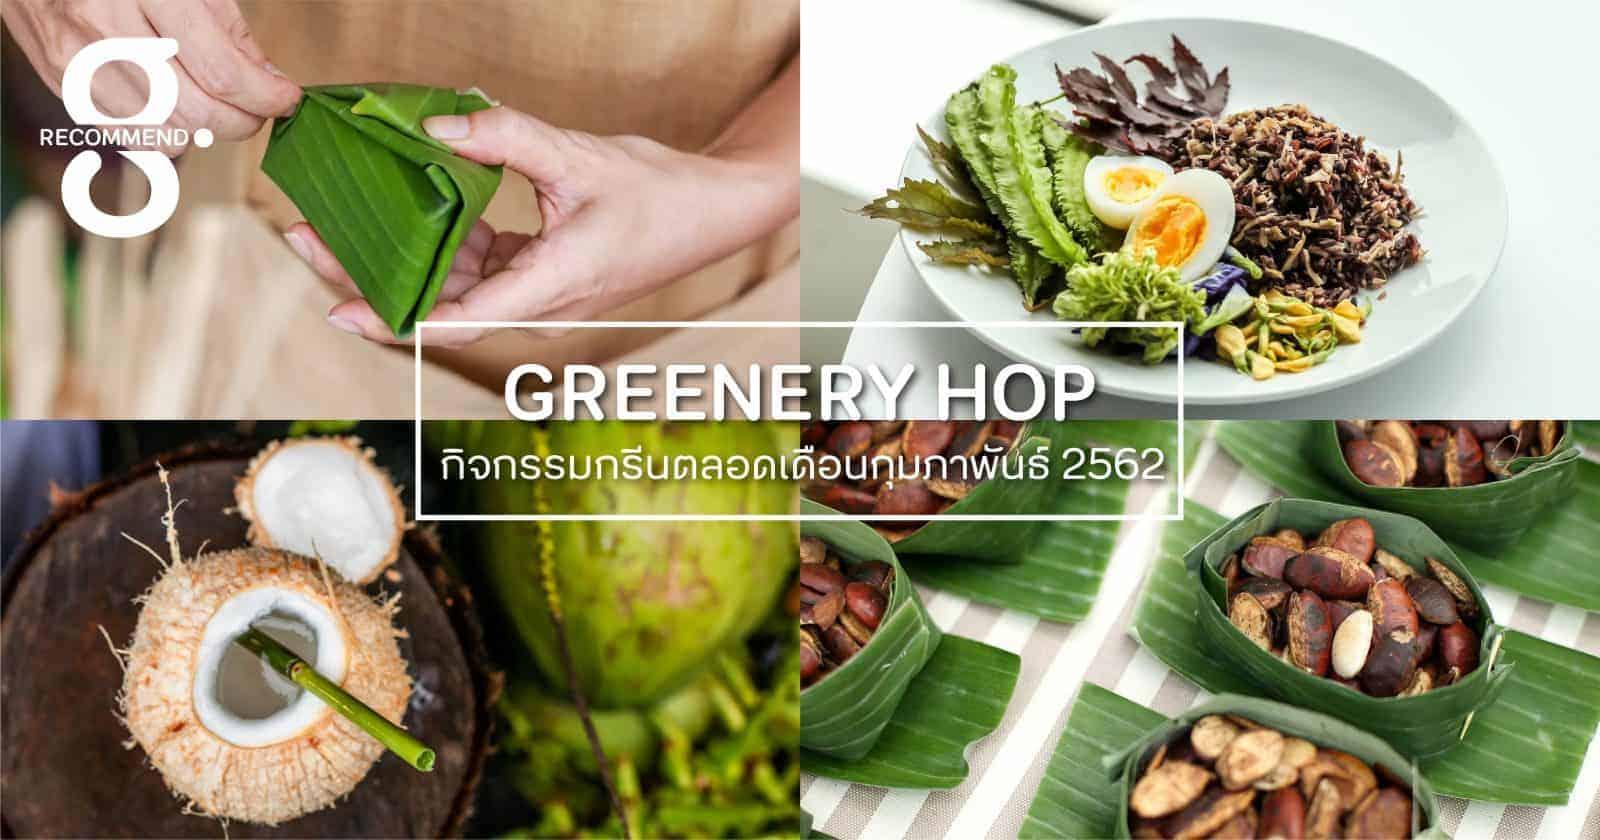 Greenery HOP: พบกับกิจกรรมกรีนดีในเดือนแห่งความรักที่จะช่วยกระชับพื้นที่หัวใจให้คุณและคนพิเศษ